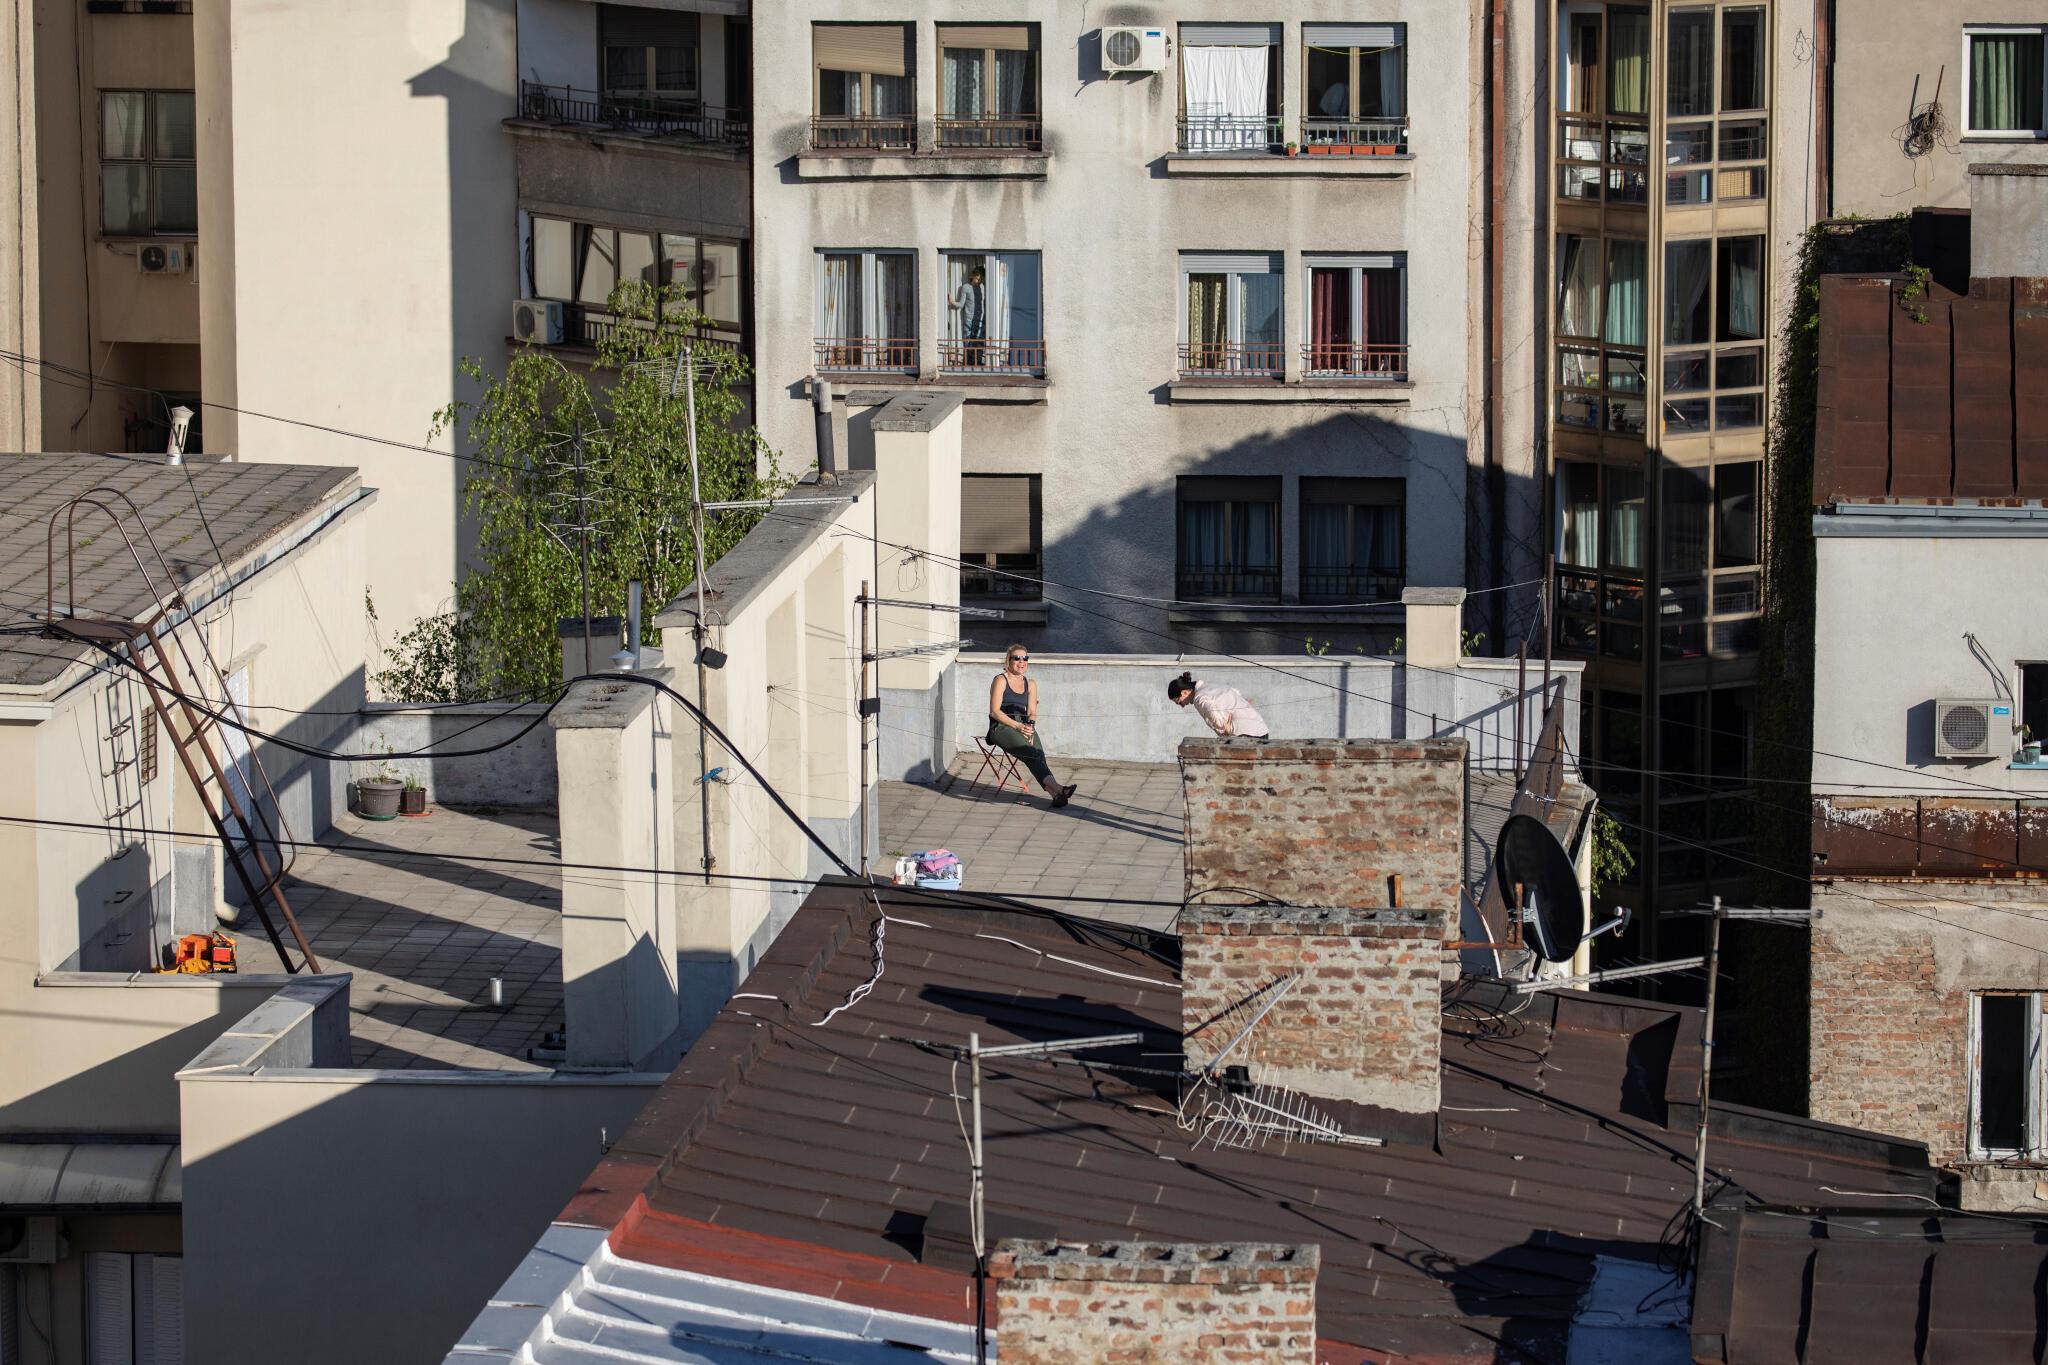 En Serbie, le confinement imposé par la crise sanitaire du coronavirus fait plonger l'économie.